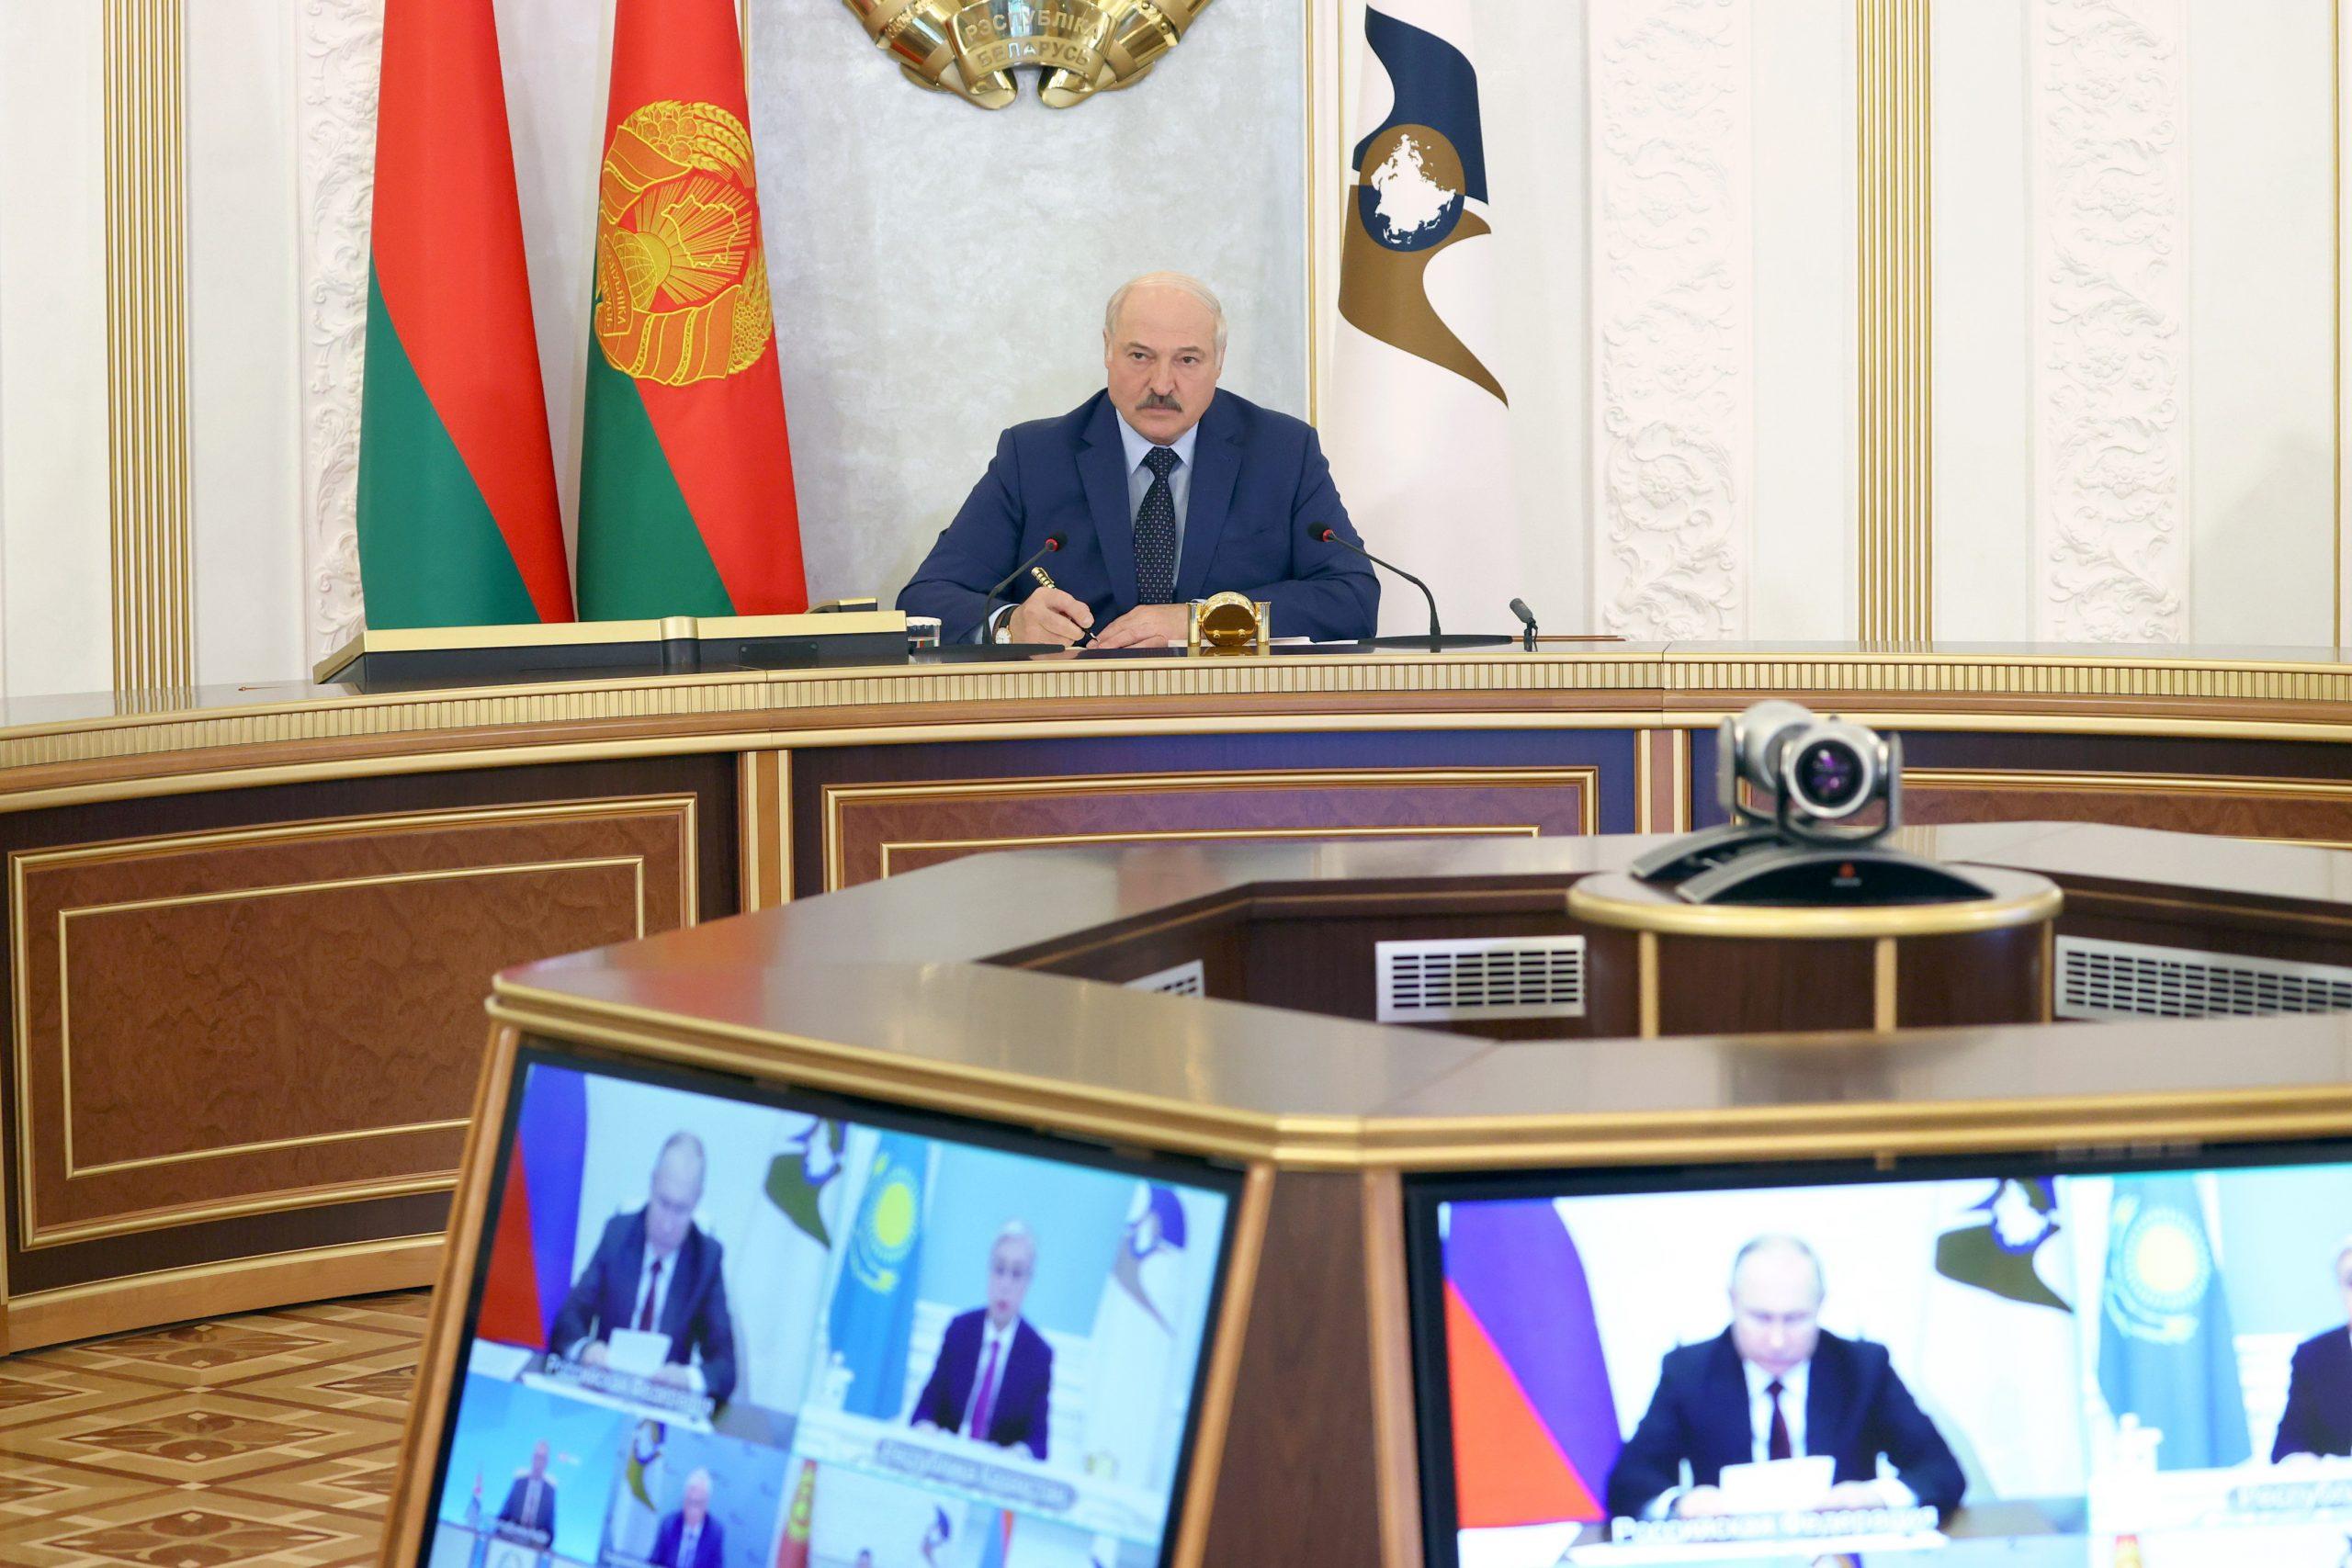 Łukaszenka ogłosił nowe święto na Białorusi. Uczci atak ZSRR na Polskę